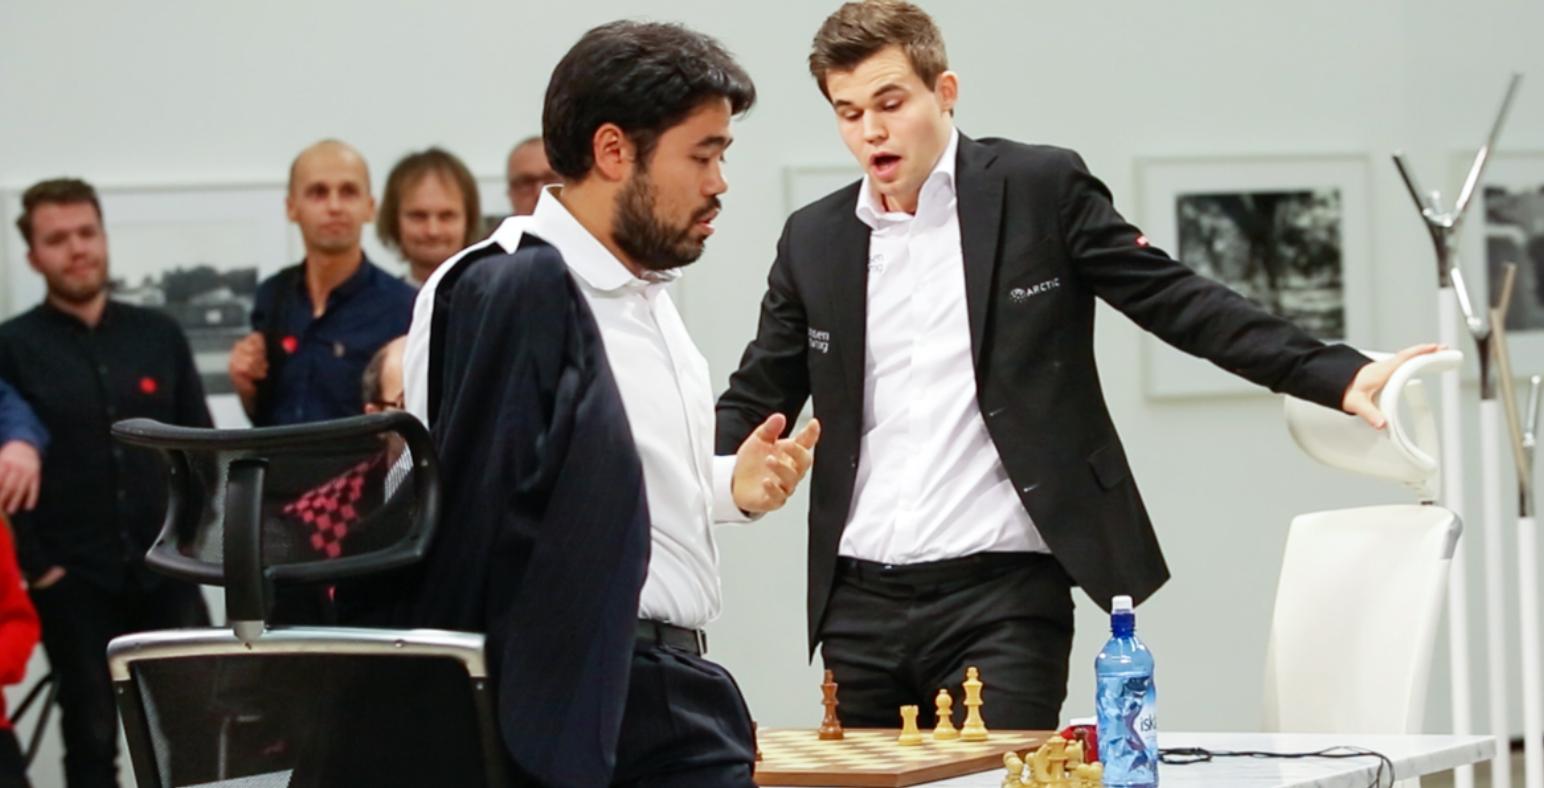 TITTELMATCH: Magnus Carlsen og Hikaru Nakamura har i fem dager spilt om hvem som er verdens beste i den spesielle sjakkvarianten Fischer Random. Matchen har foregått på Henie Onstad Kunstsenter på Høvikodden.